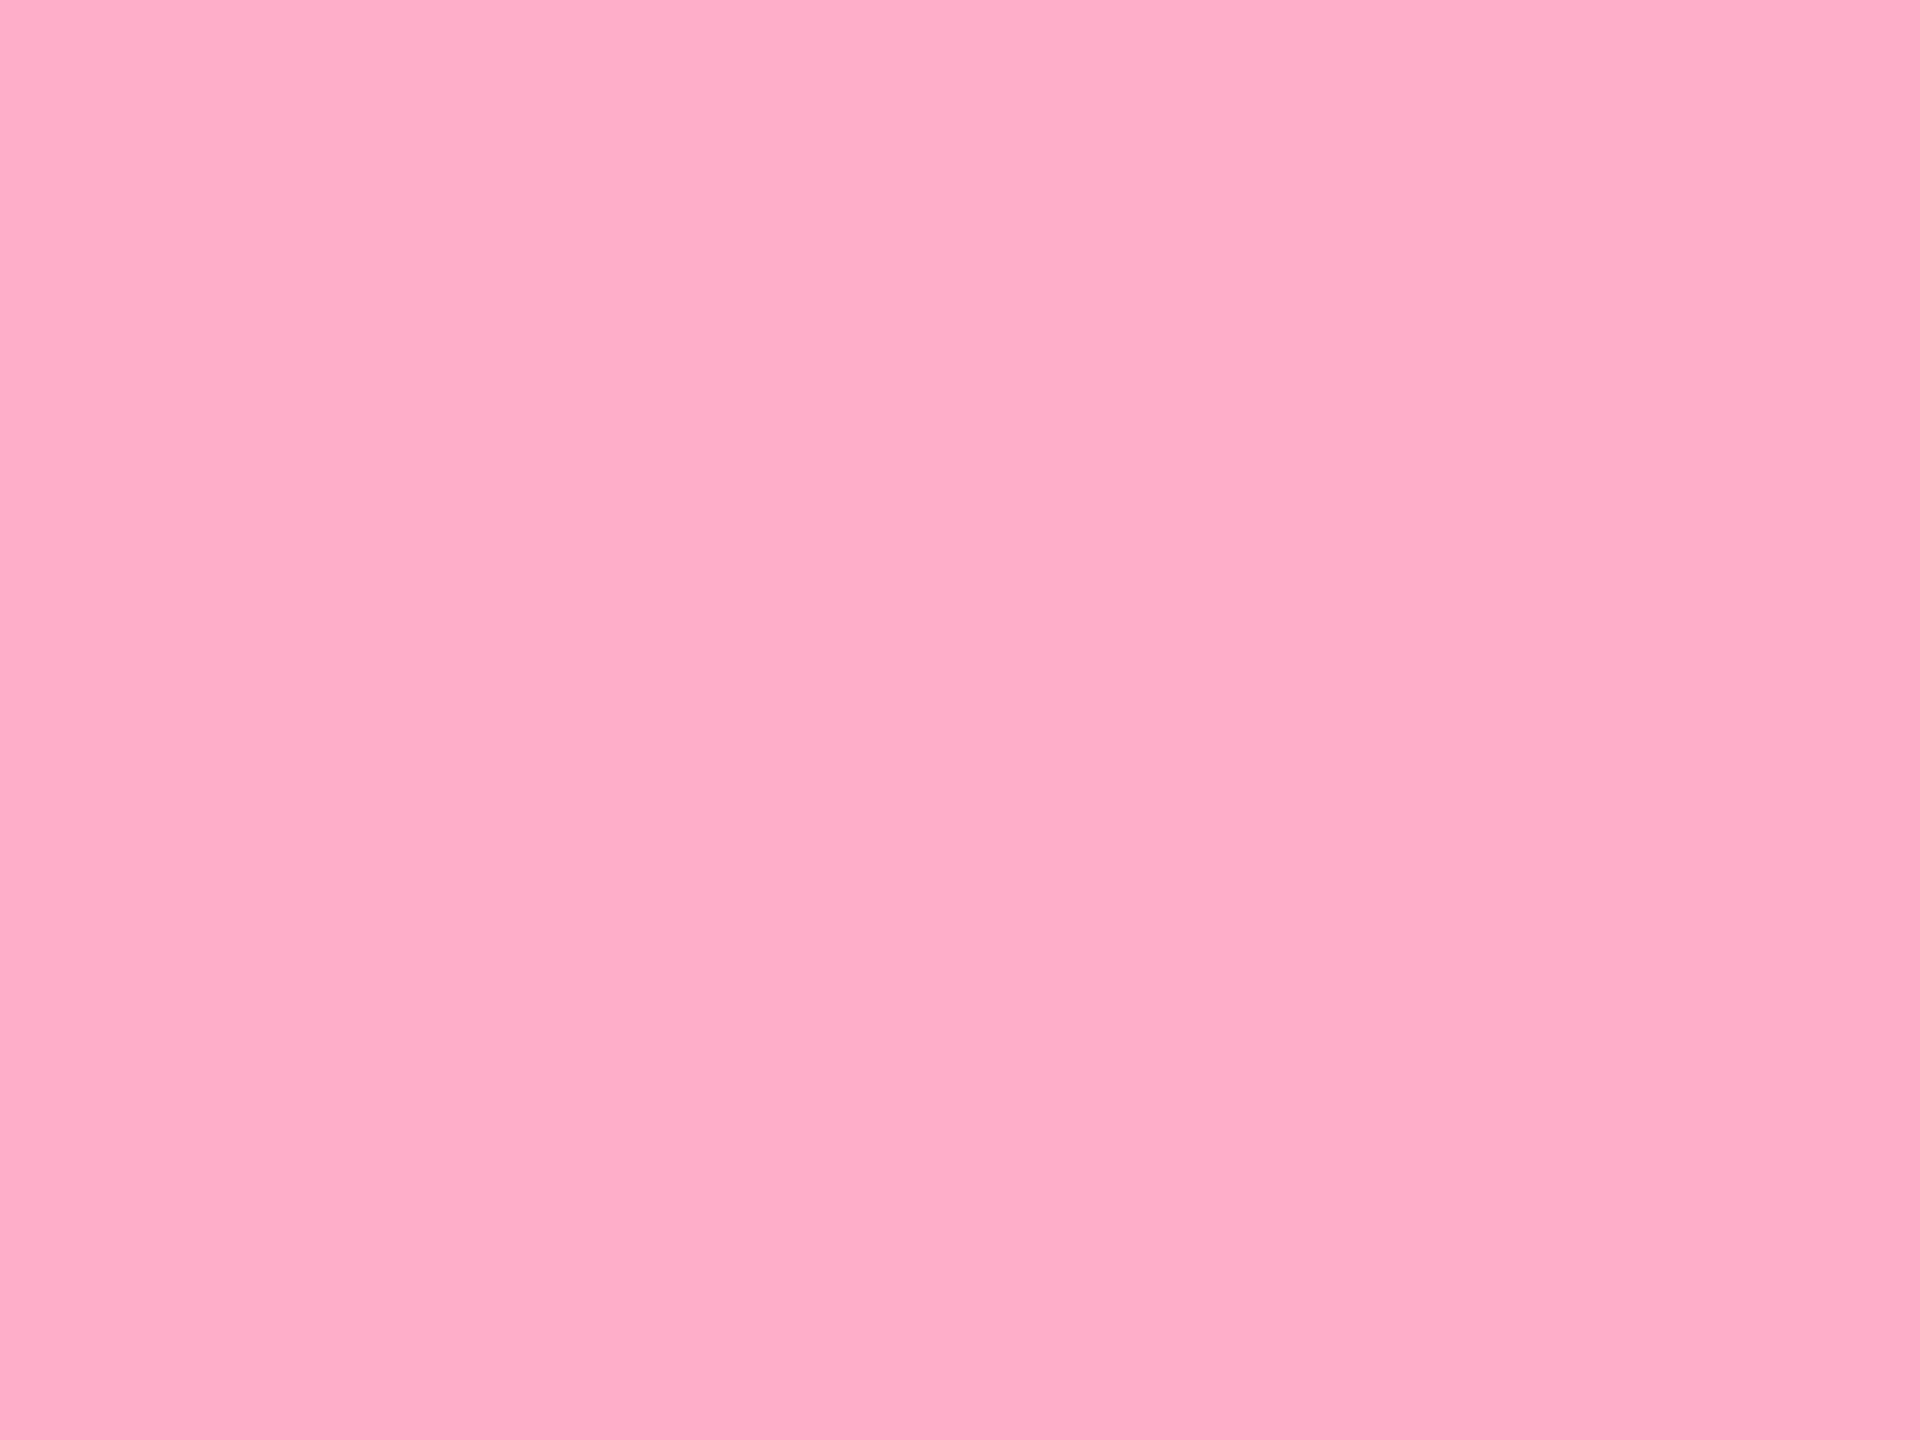 Sfondi Rosa 55 Immagini